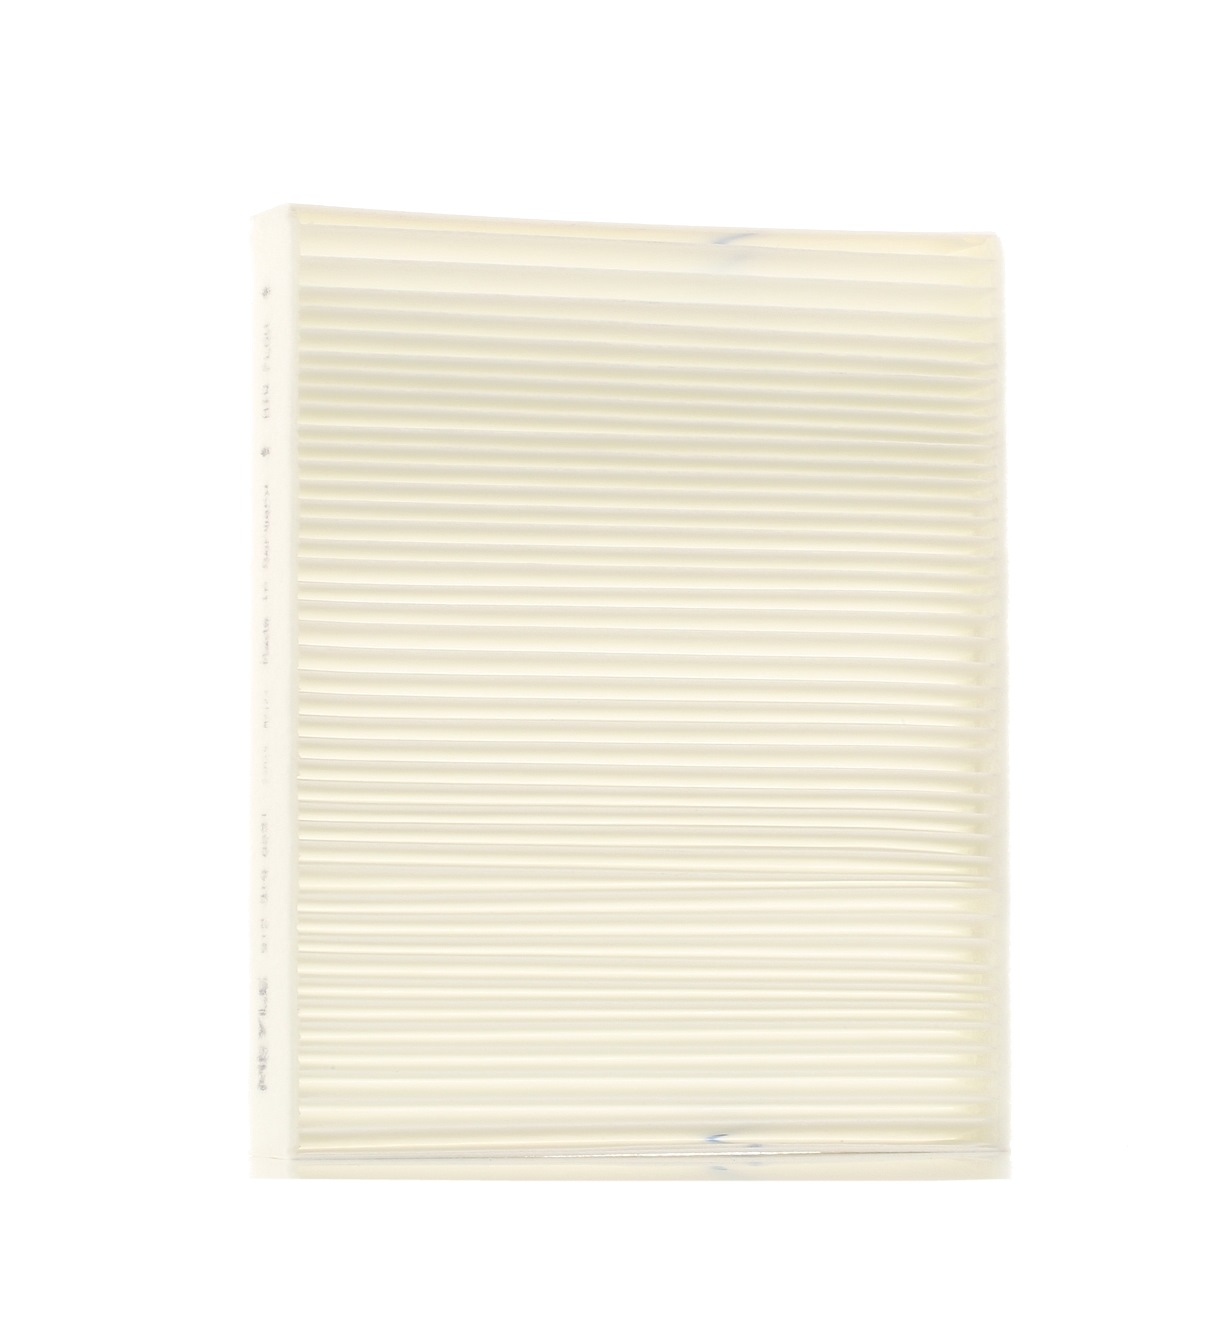 Pollenfilter MEYLE 312 319 0021 Bewertung